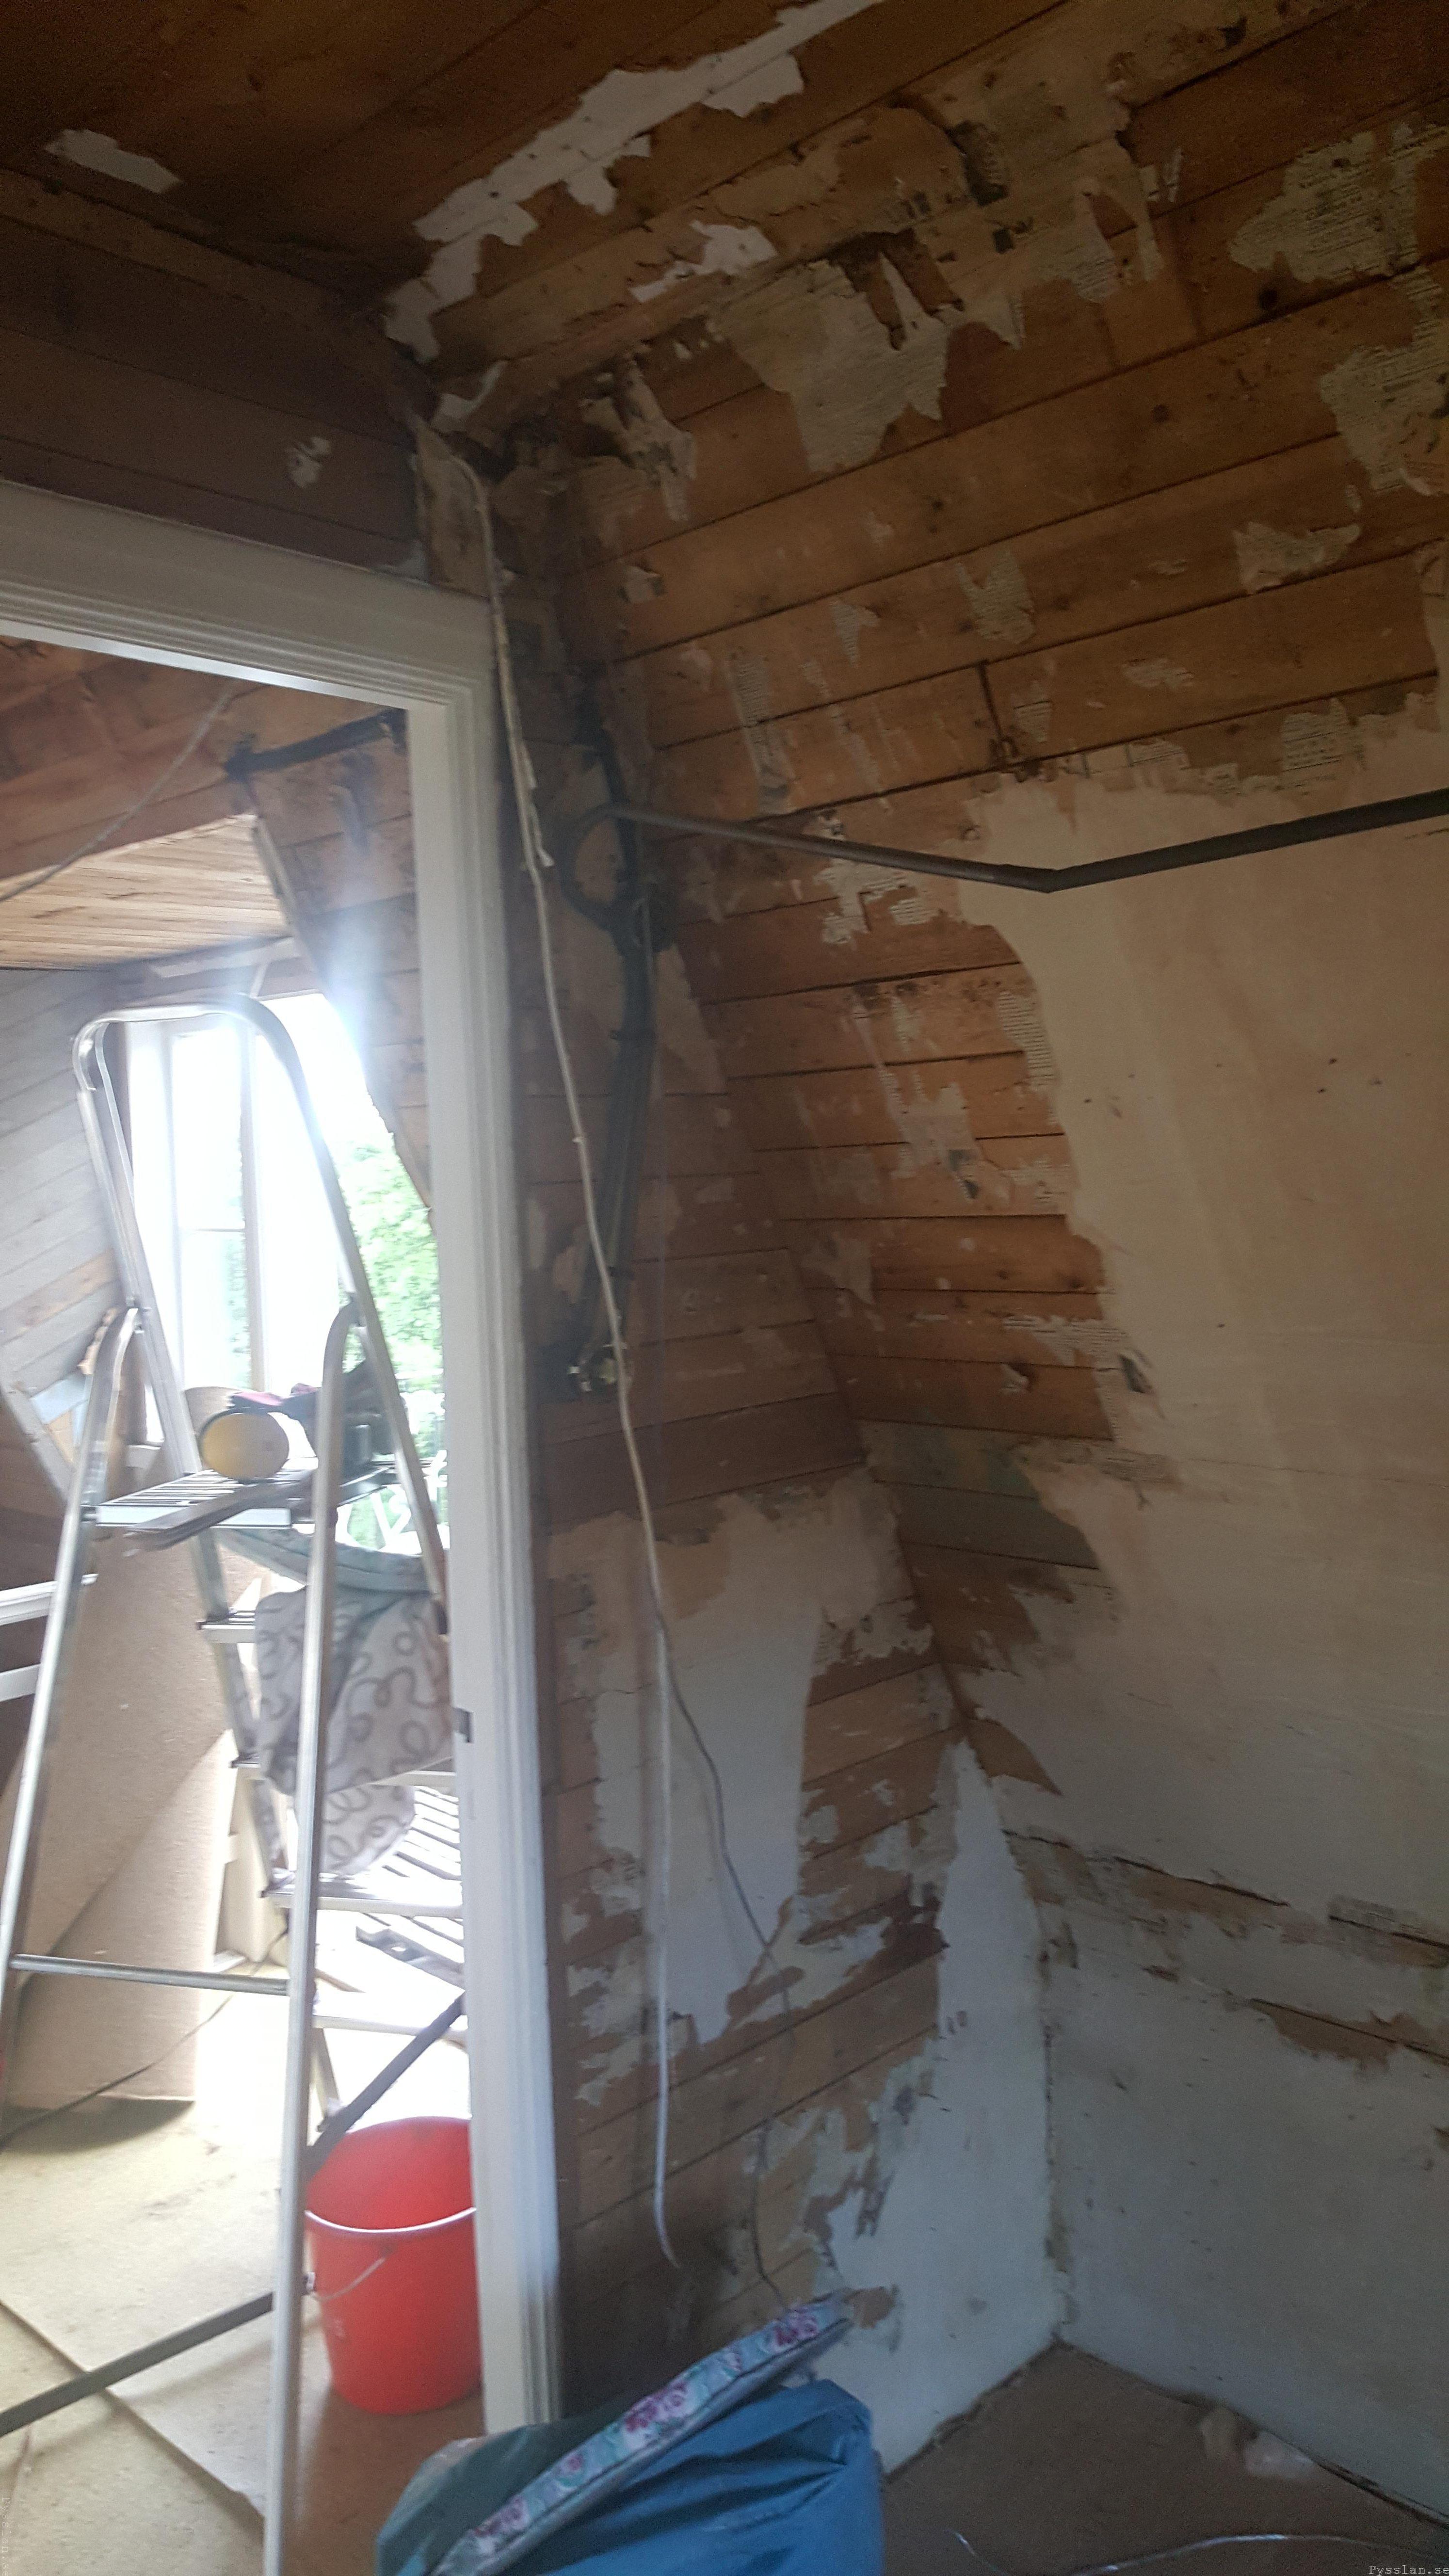 Inbyggd el stora sovrummet 20-talsdröm 20-talshus renovering pysslan blogg